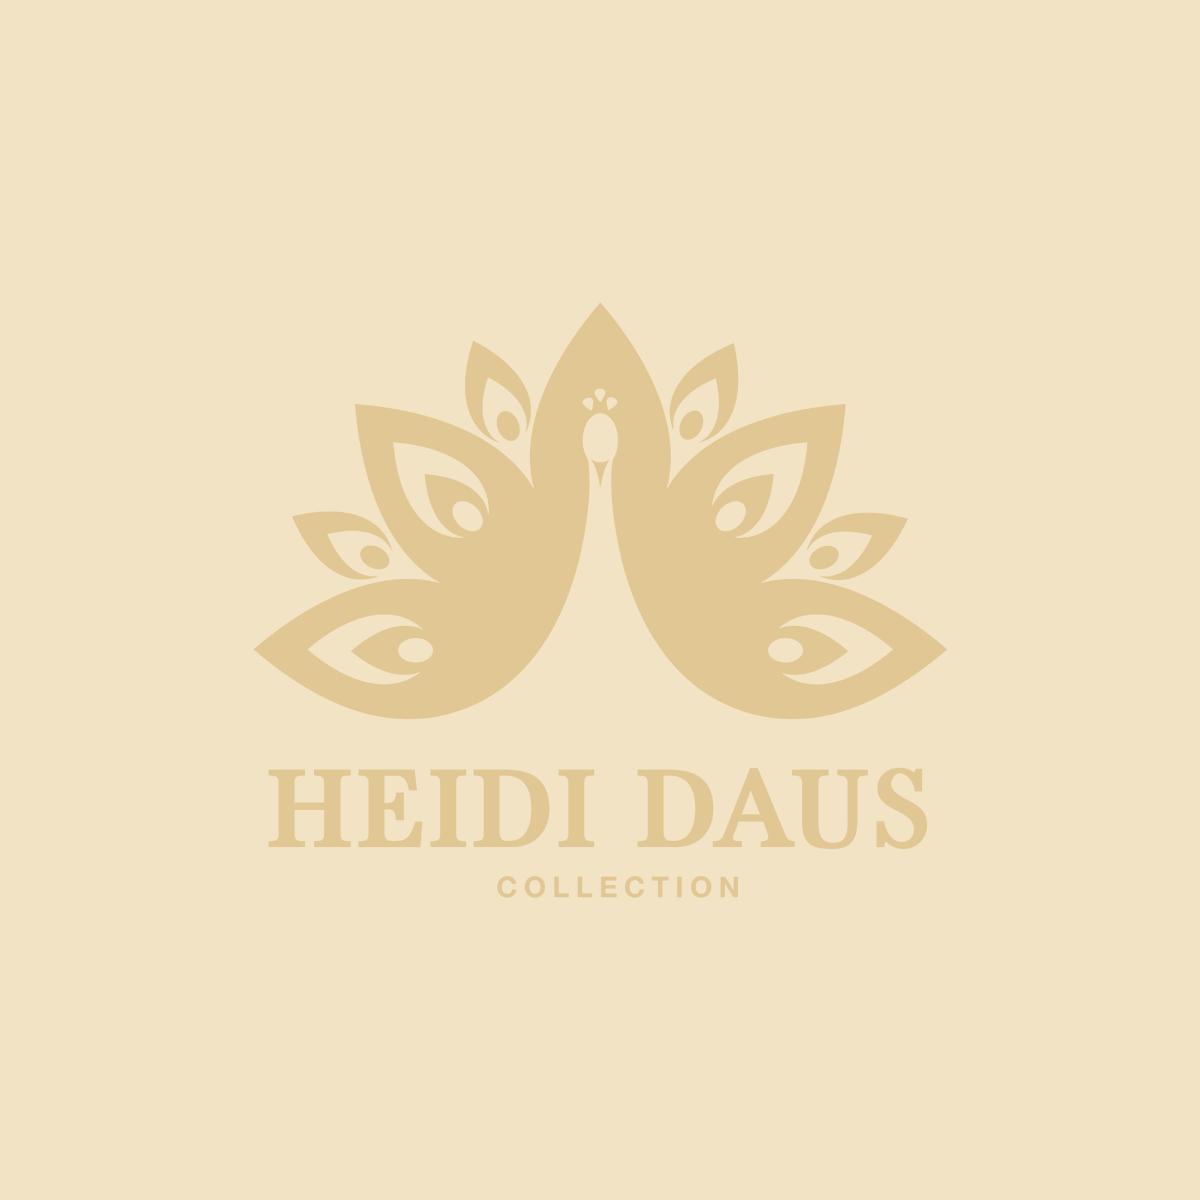 Heidi Daus Logo.png